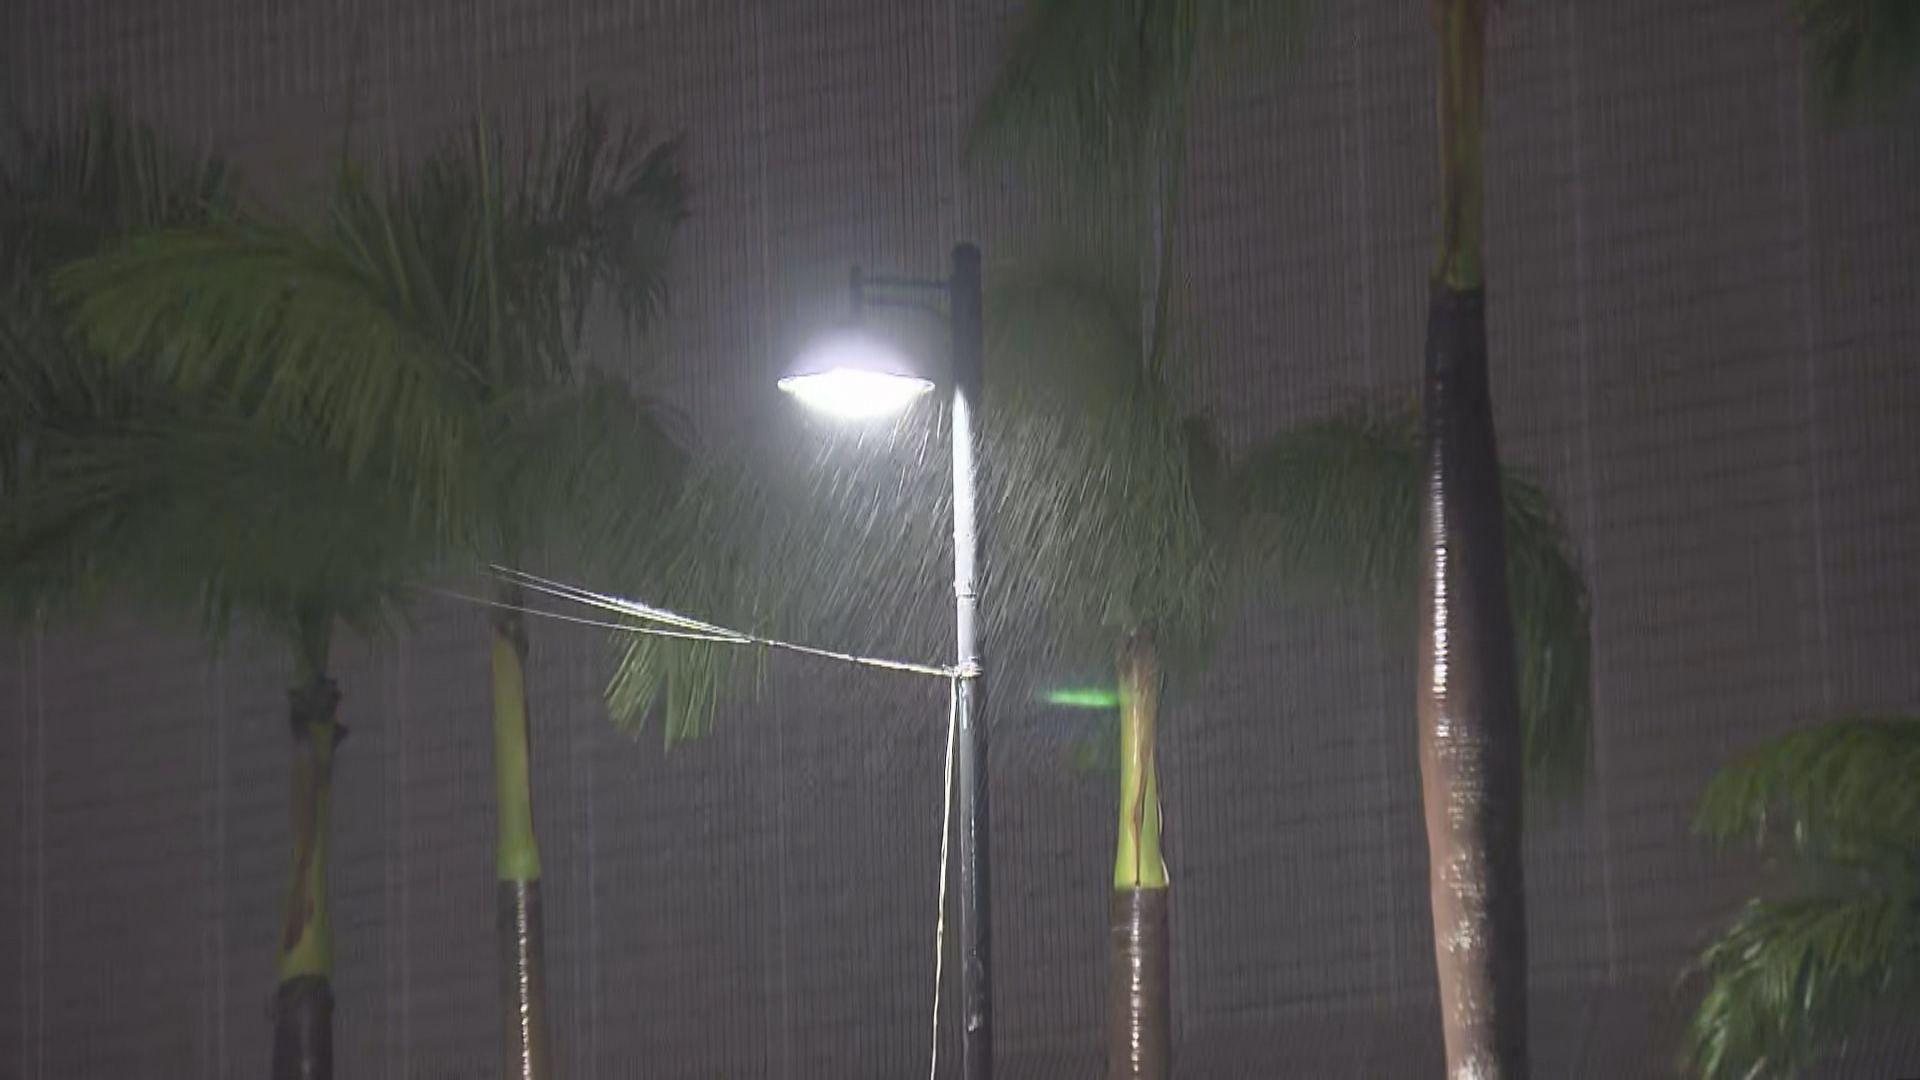 黃雨維持了整個凌晨時份 多區錄每小時逾10毫米雨量